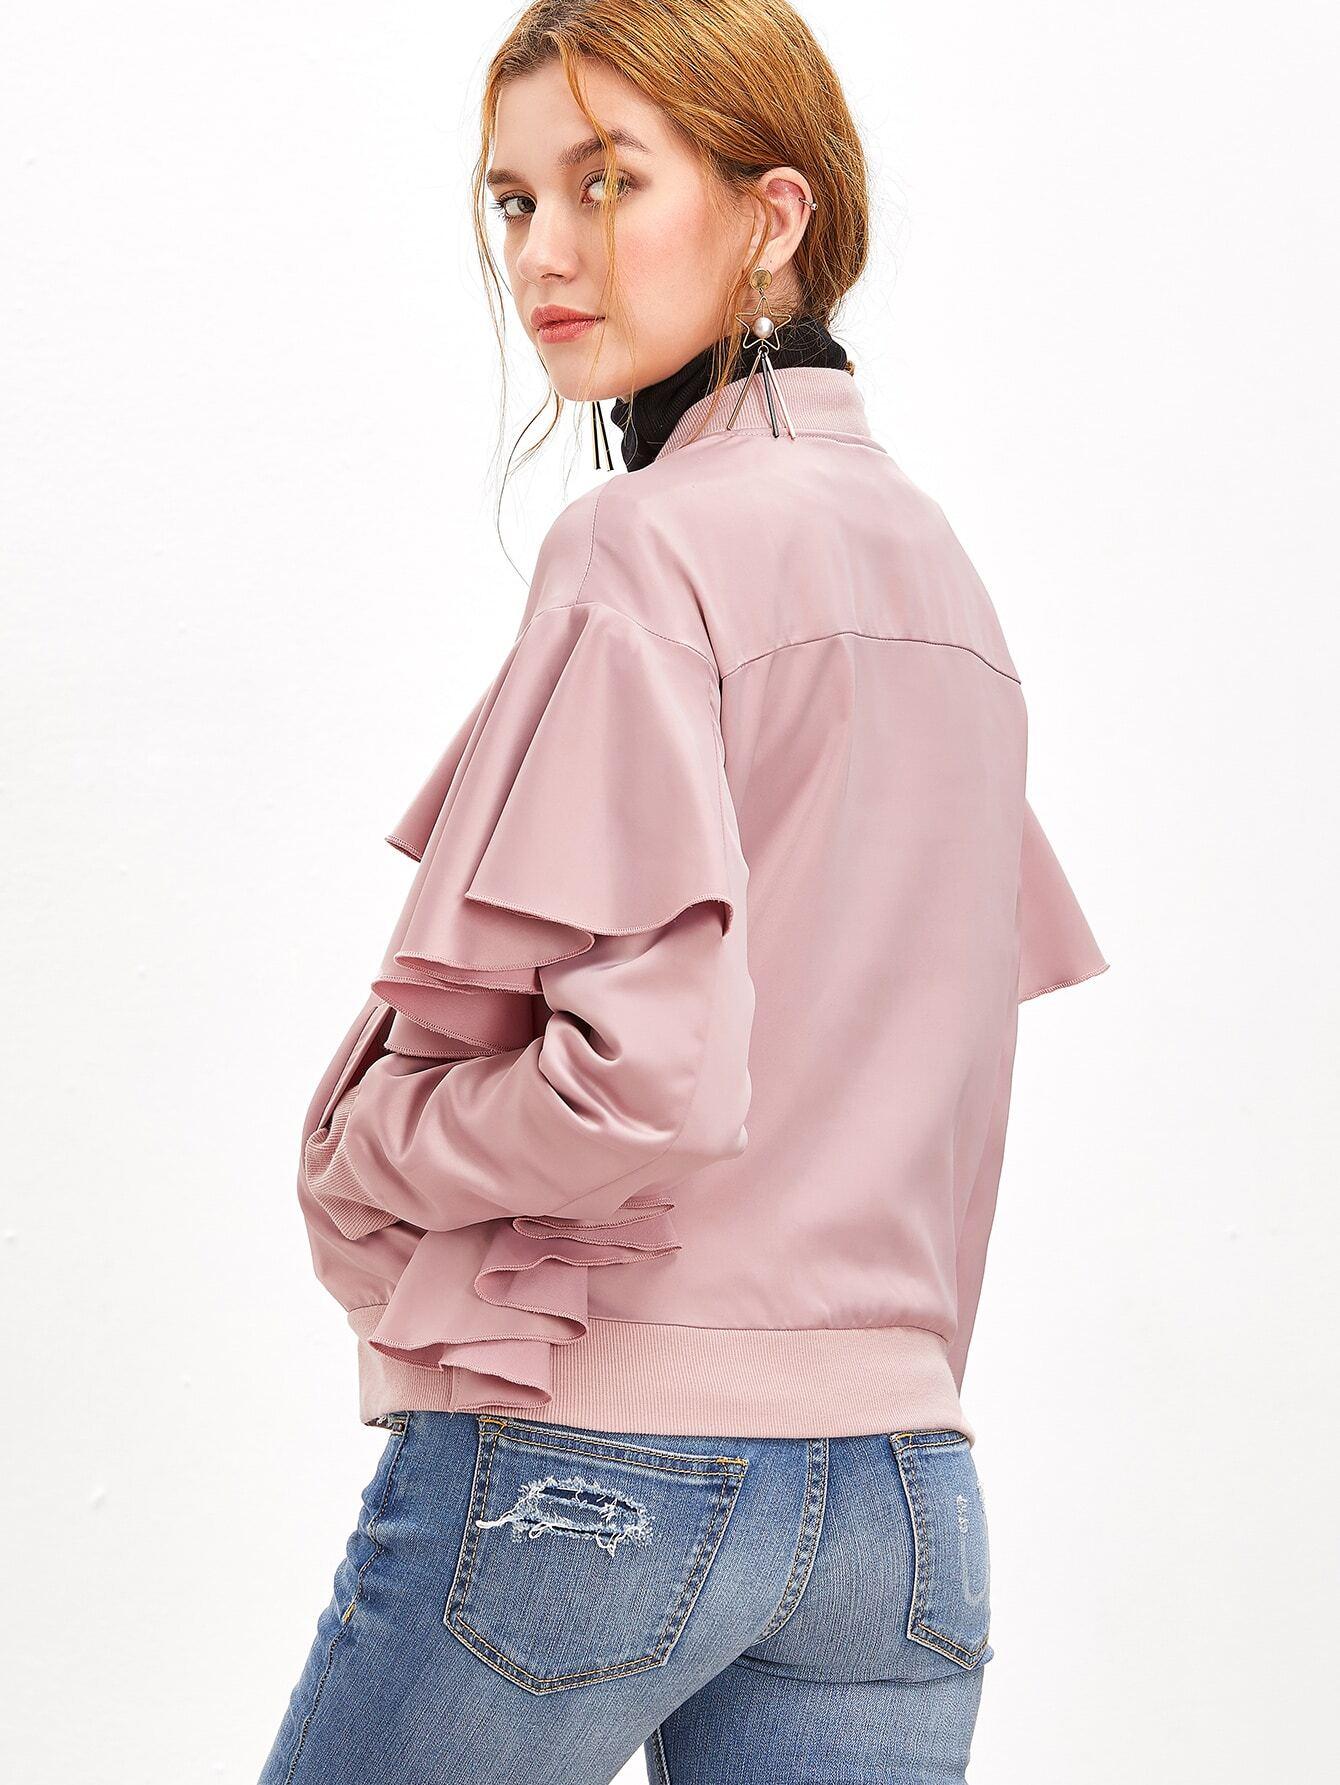 jacket161201703_2